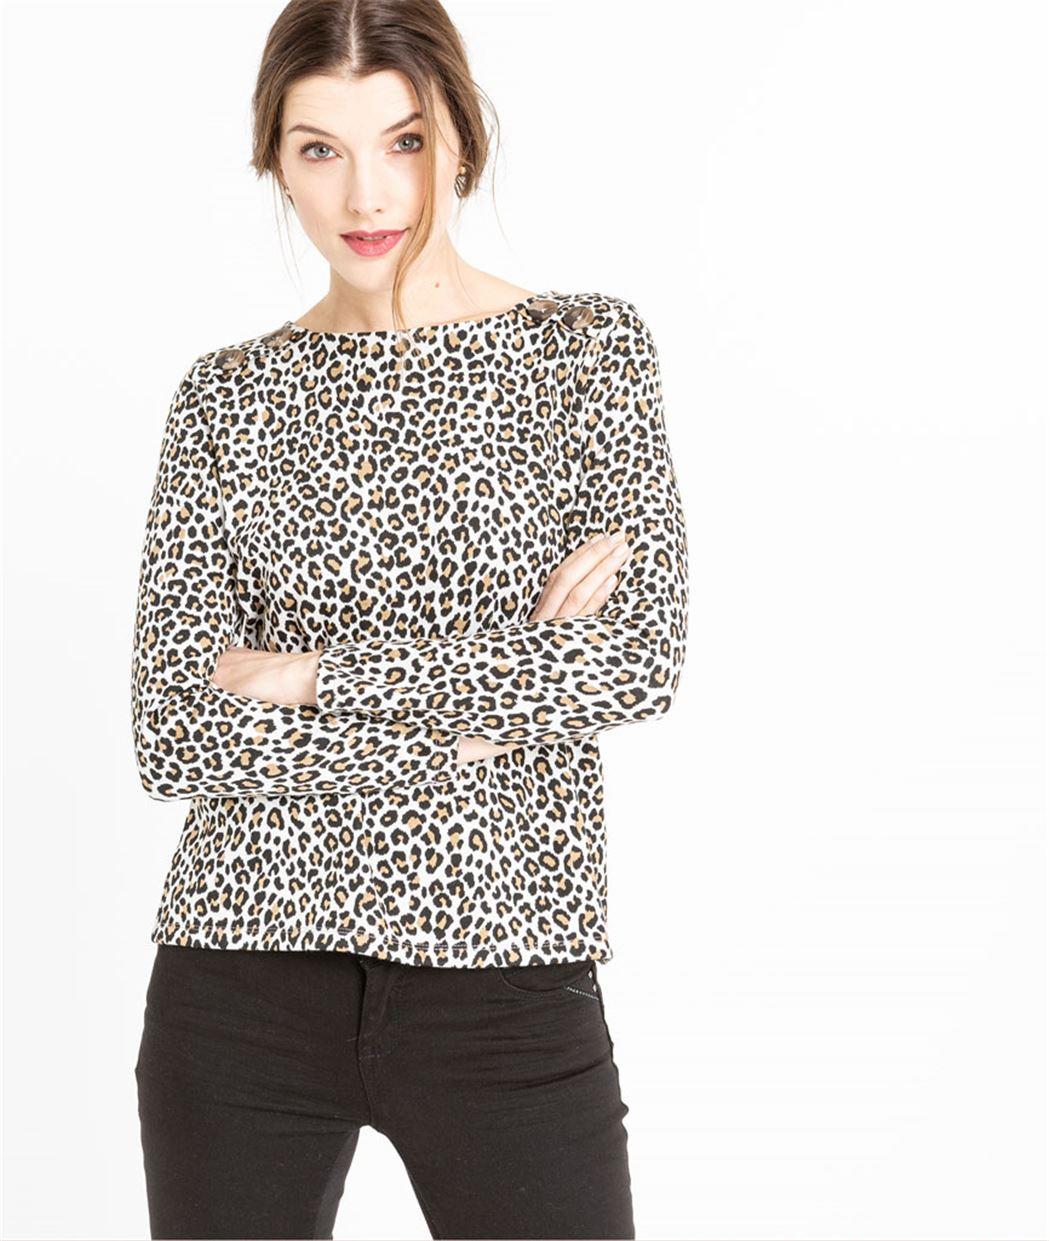 Sweat femme léopard avec boutons ECRU